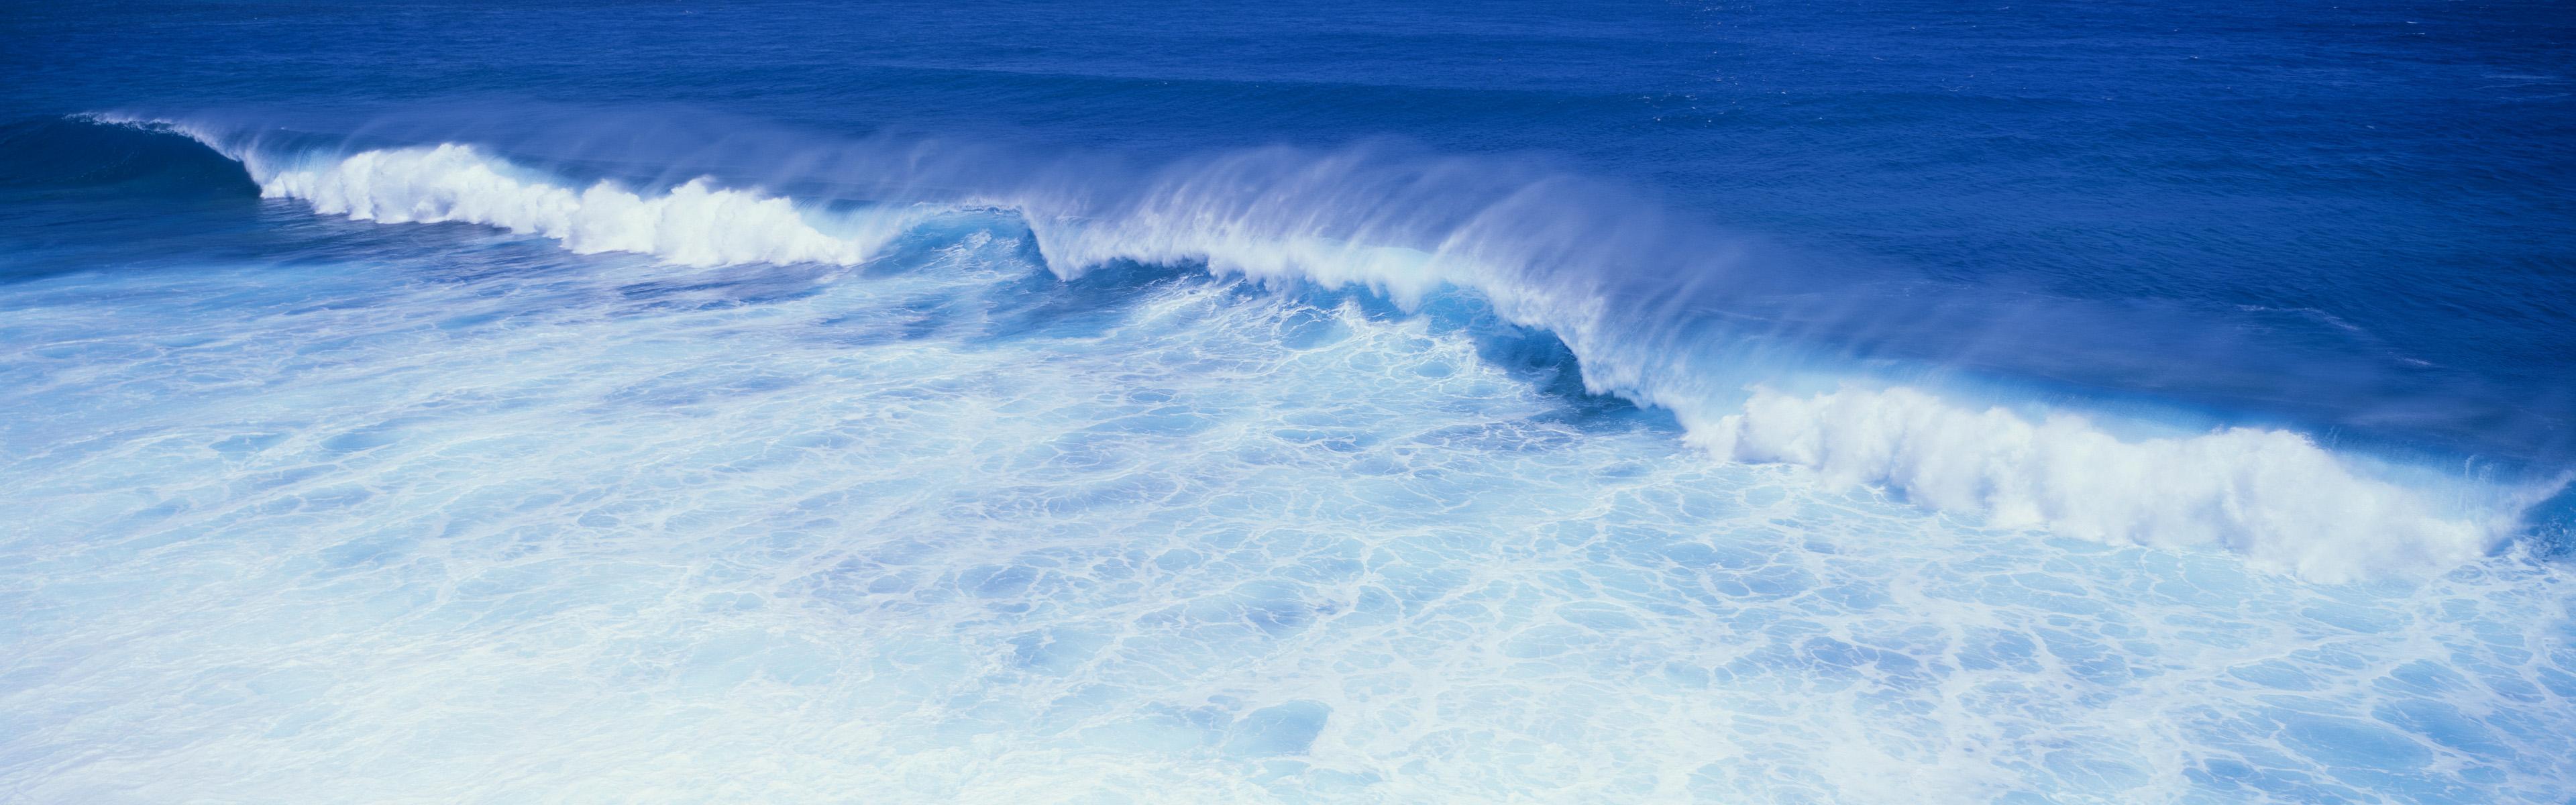 Ocean Wave iPhone Panoramic Wallpaper Download iPad Wallpapers 3840x1200